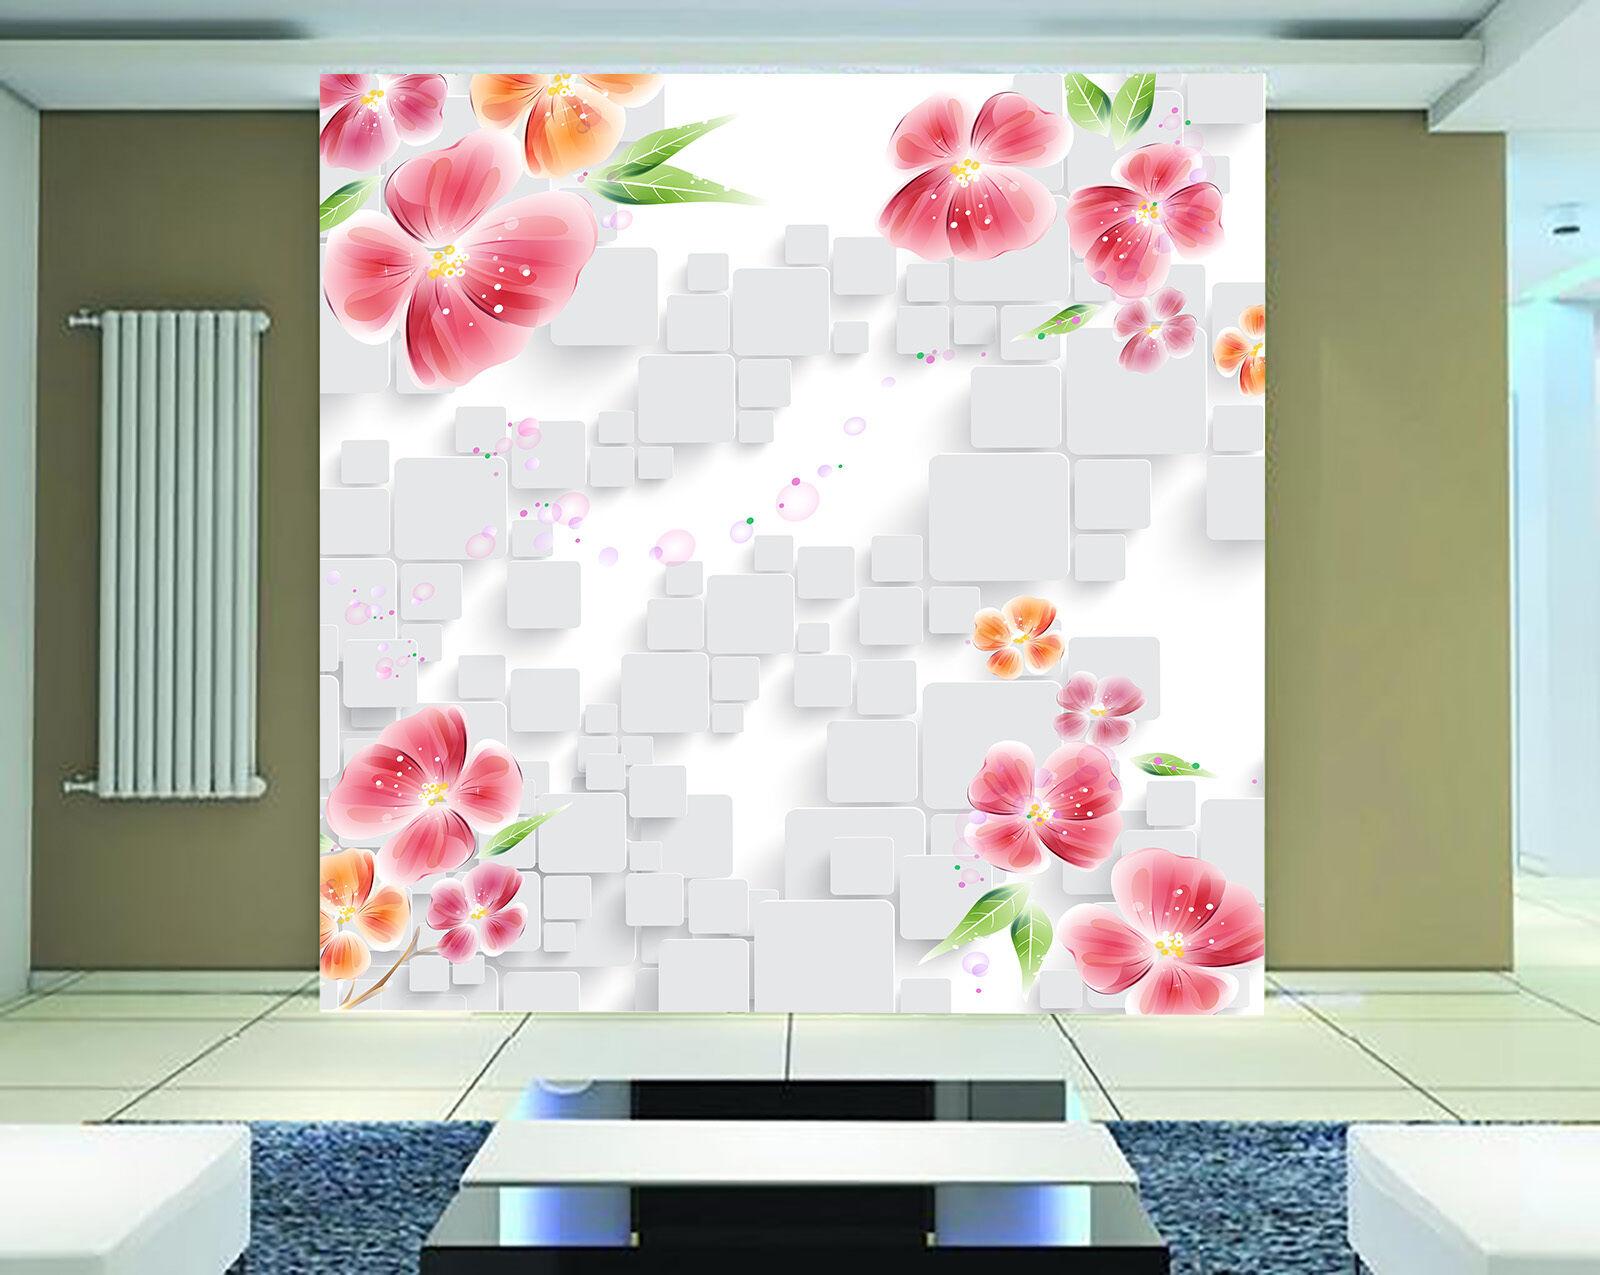 3D Weiße Fliesen, Blaumen 0392 Fotapeten Wandbild Fototapete BildTapete FamilieDE